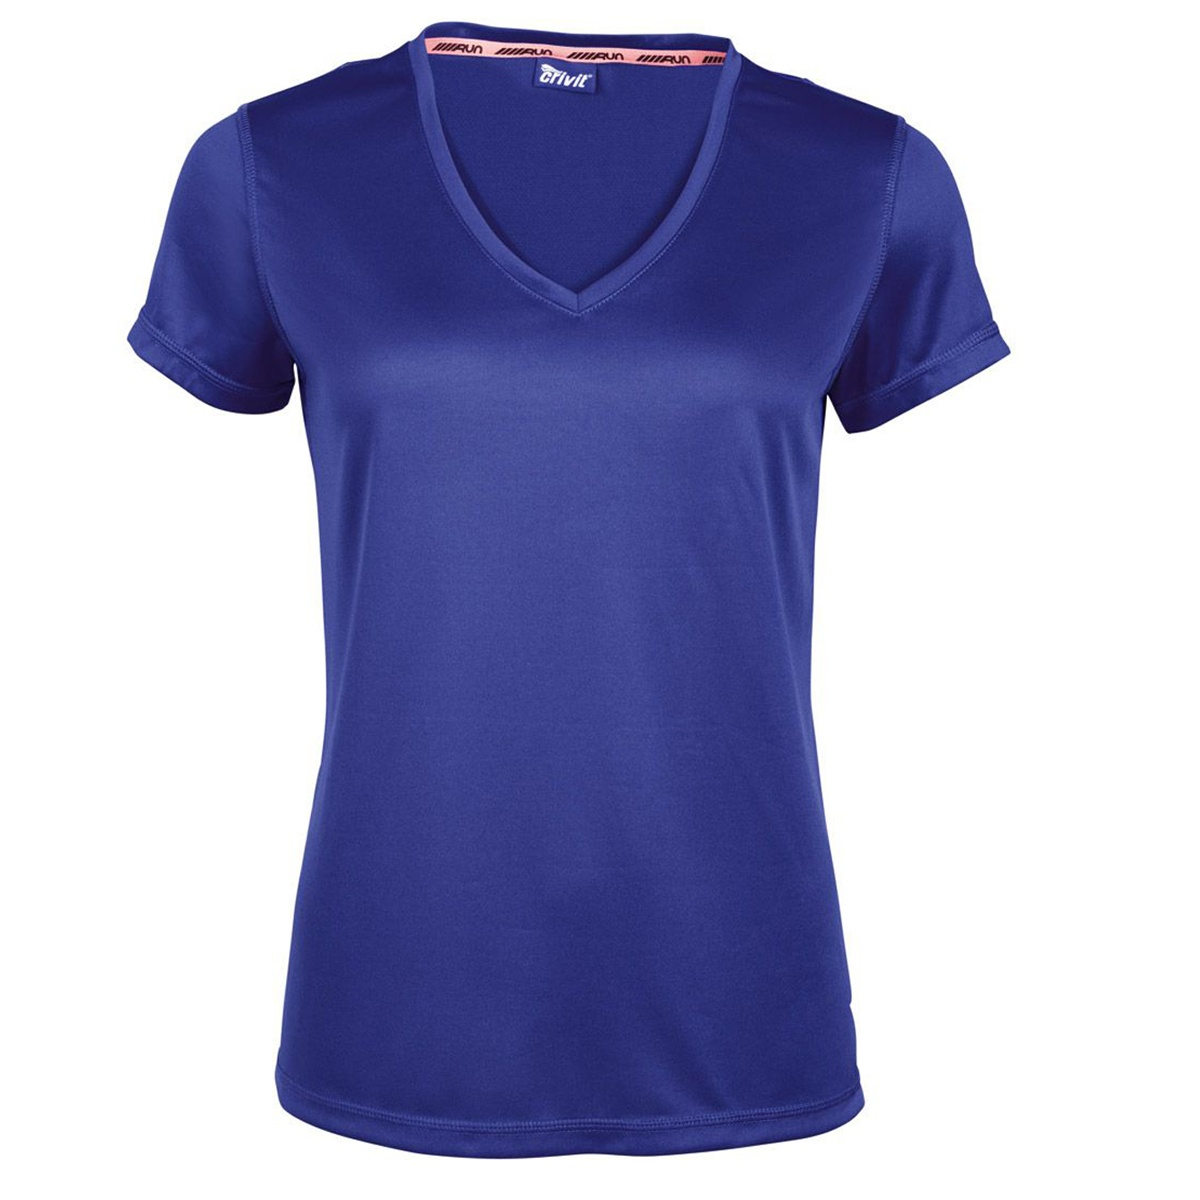 تیشرت ورزشی زنانه کرویت کد Z-54